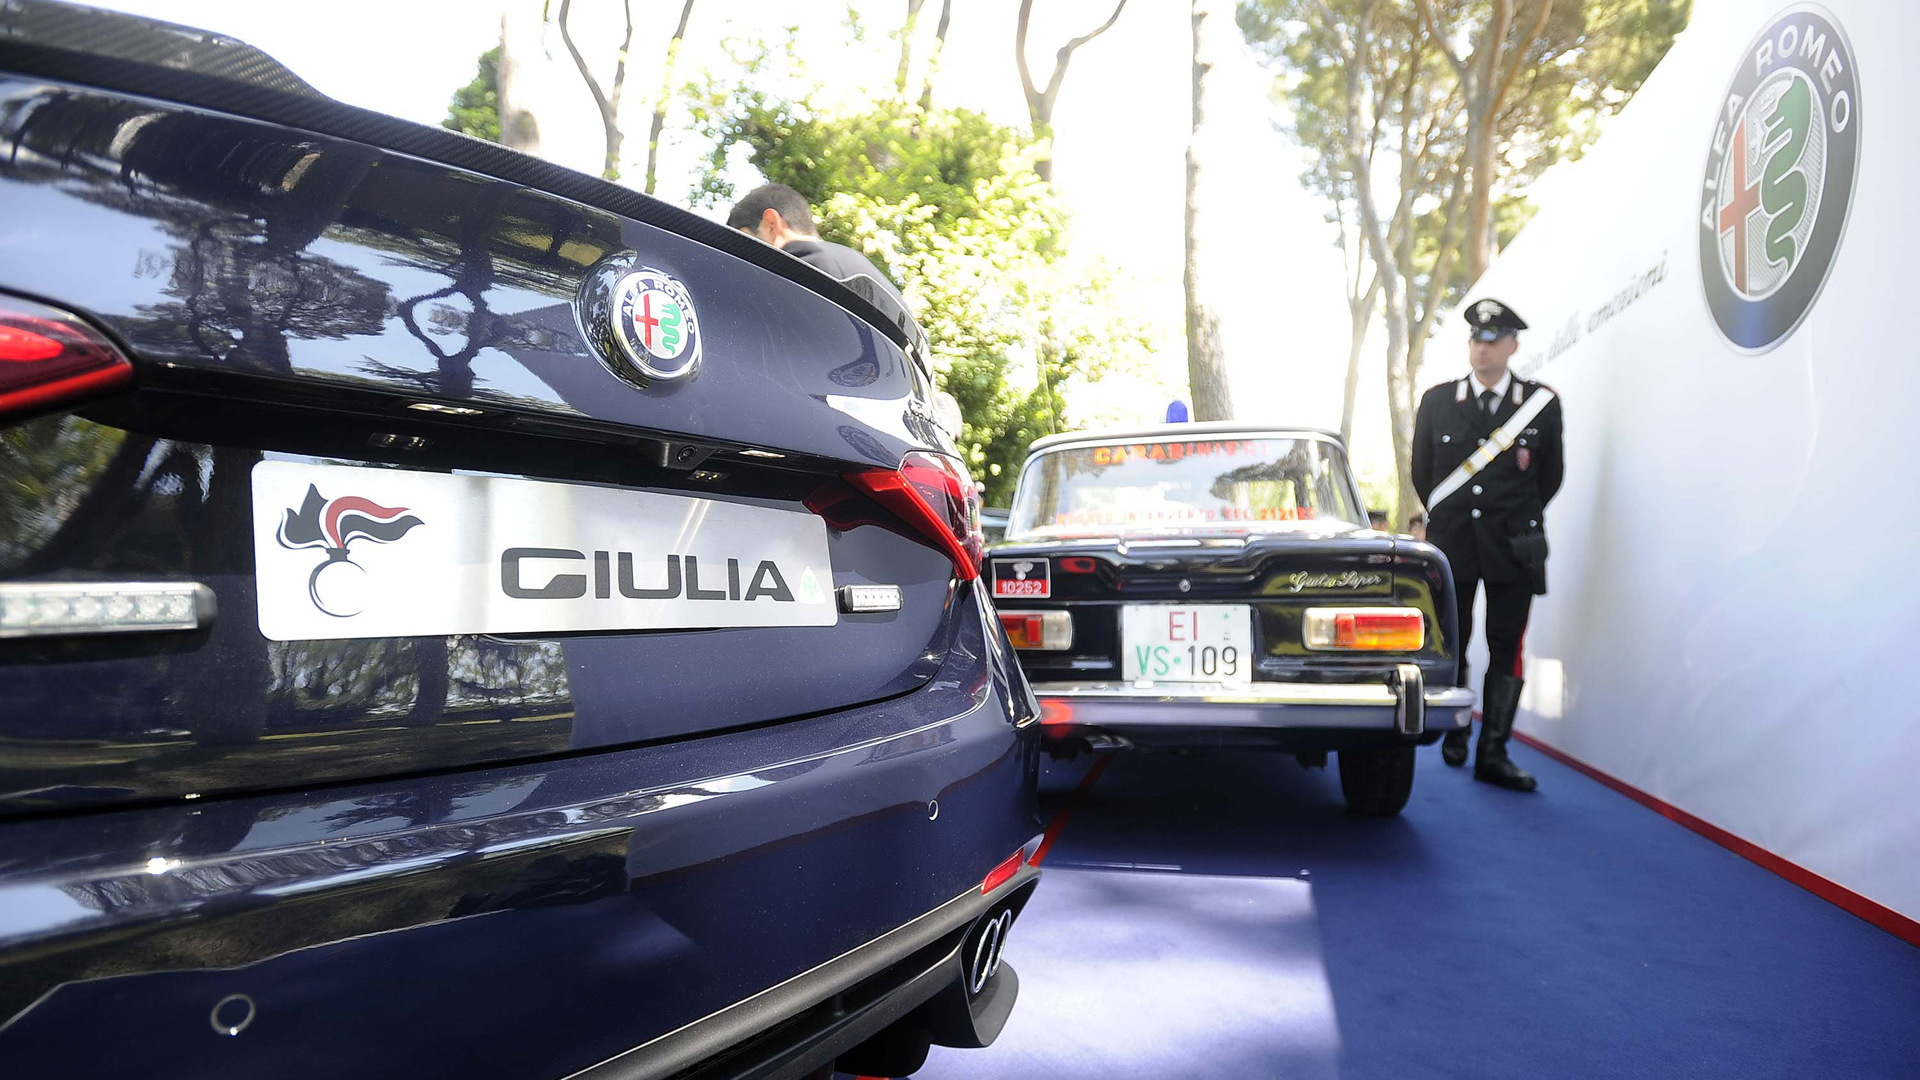 2017 Alfa Romeo Giulia Quadrifoglio delivered to Italy's Carabinieri police